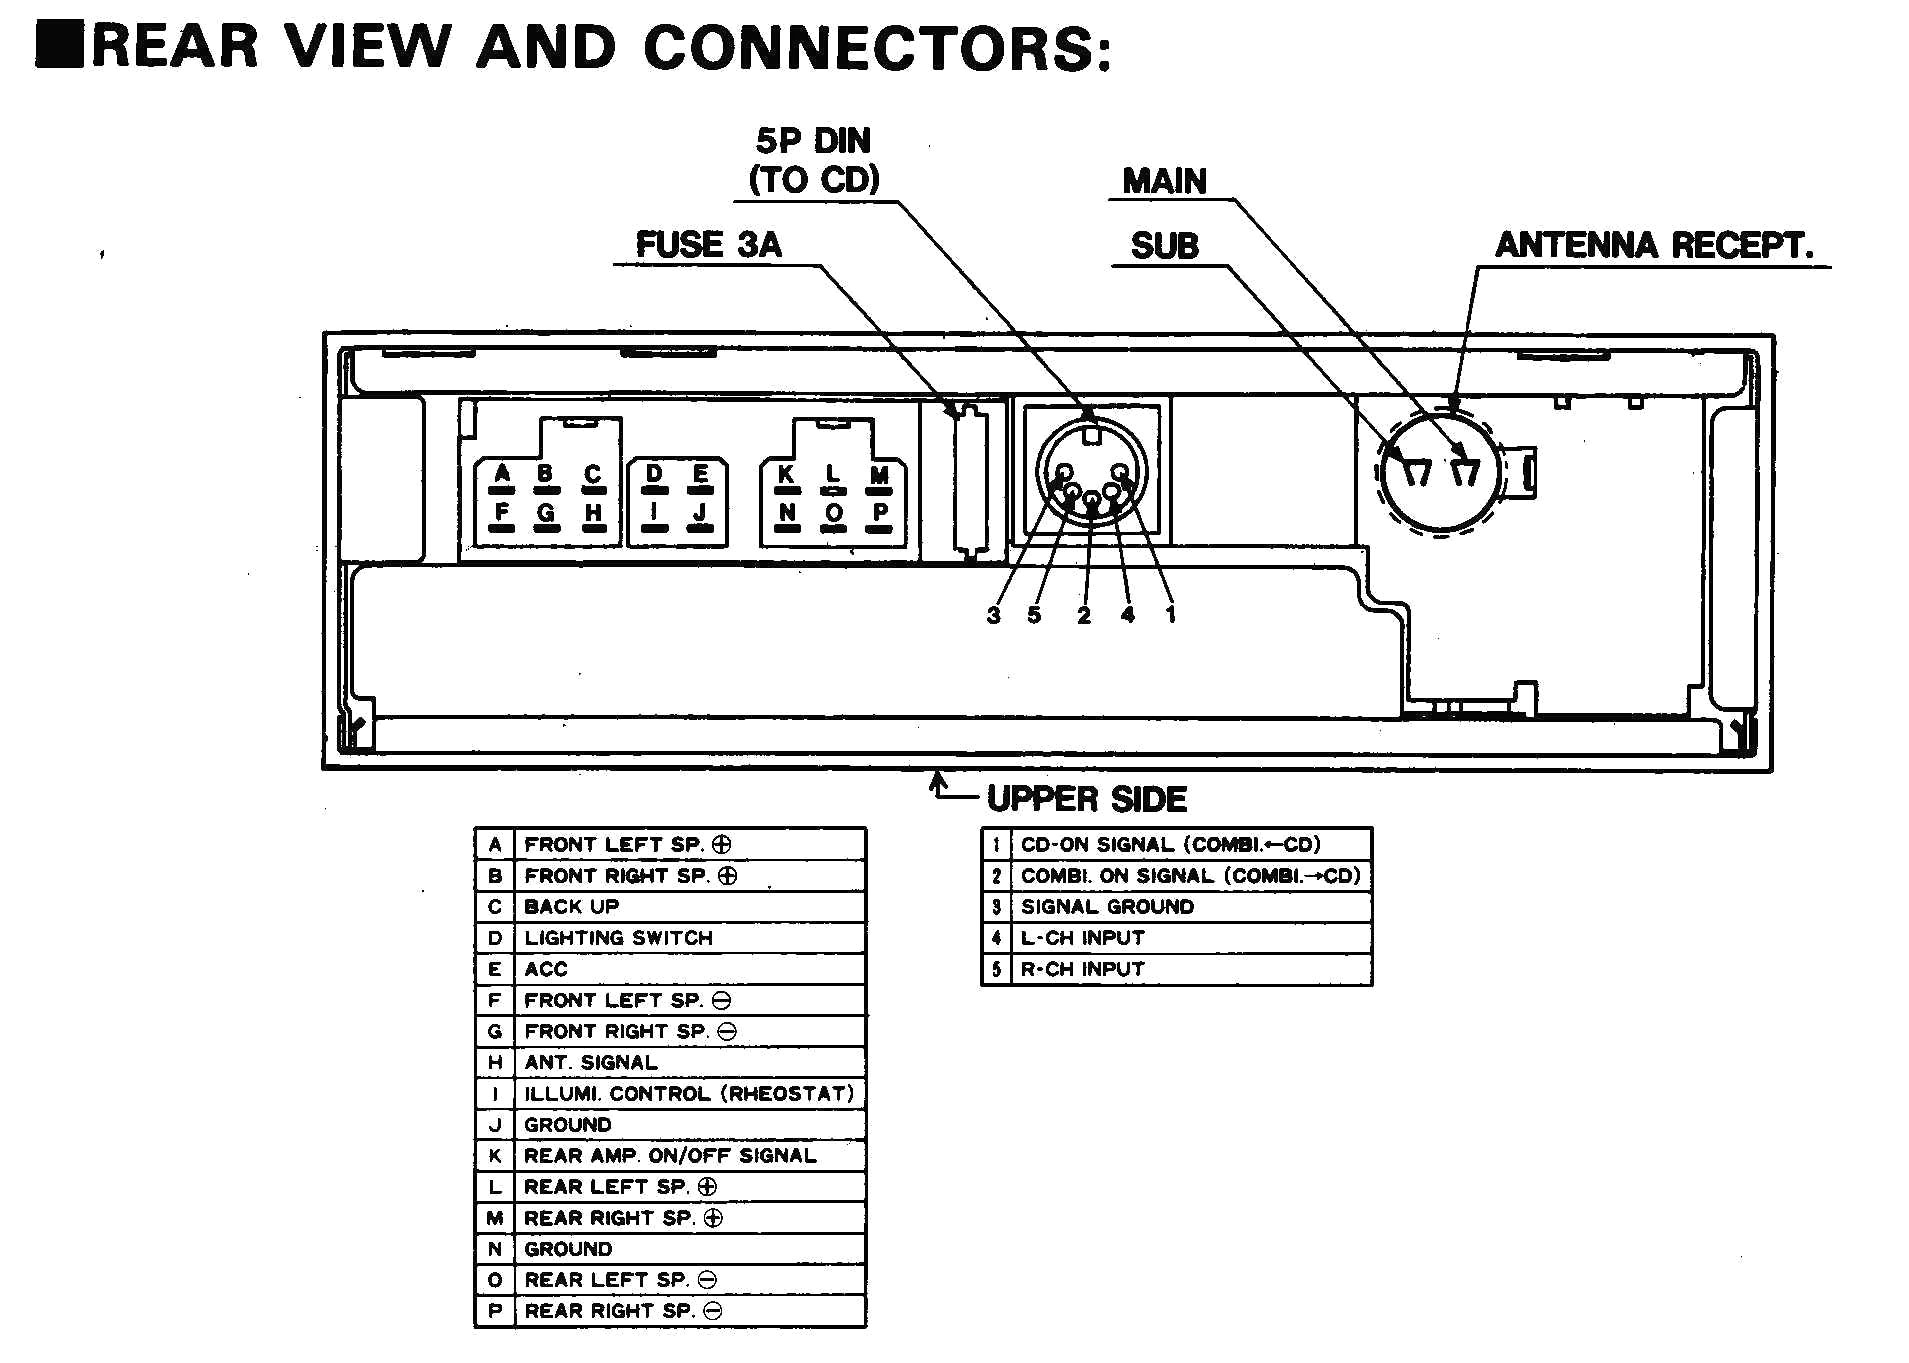 Wiring Diagram for Car Audio Factory Car Stereo Wiring Diagrams In Jpg Striking Speaker Diagram Of Wiring Diagram for Car Audio